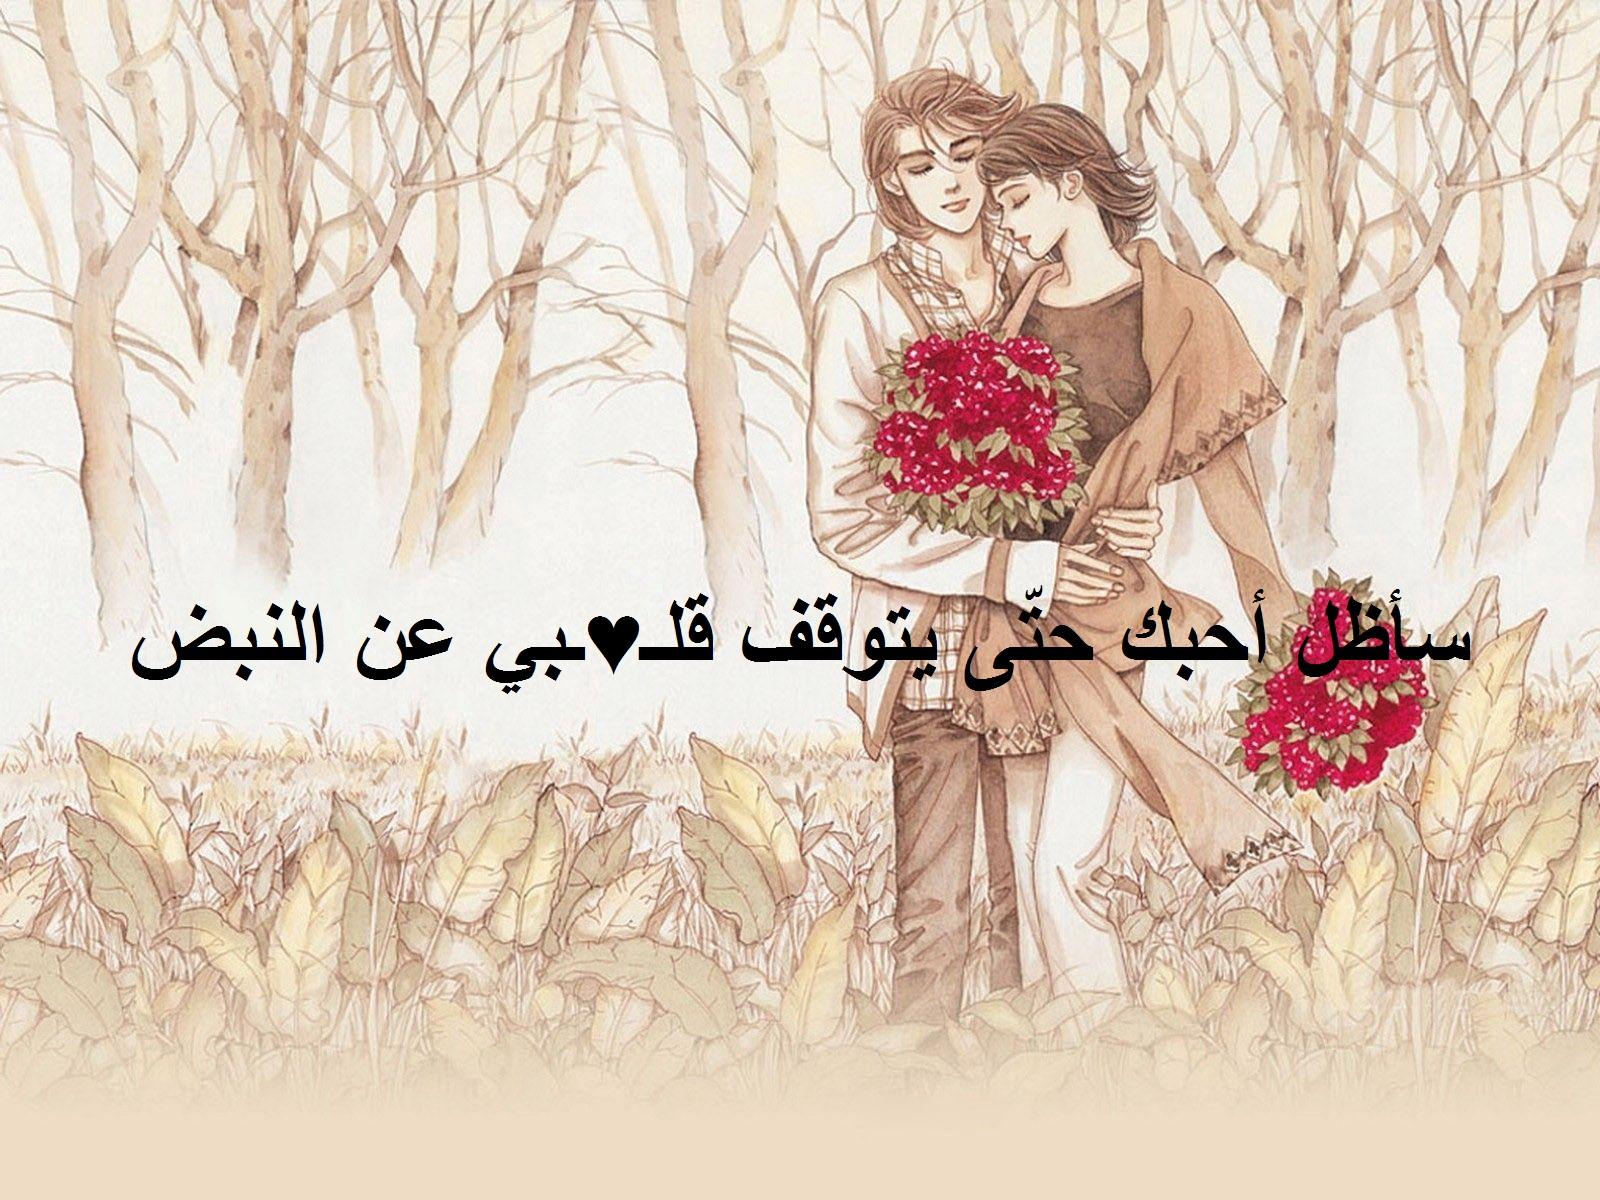 خلفية رومانسية لكابل مكتوب عليها خواطر حب.